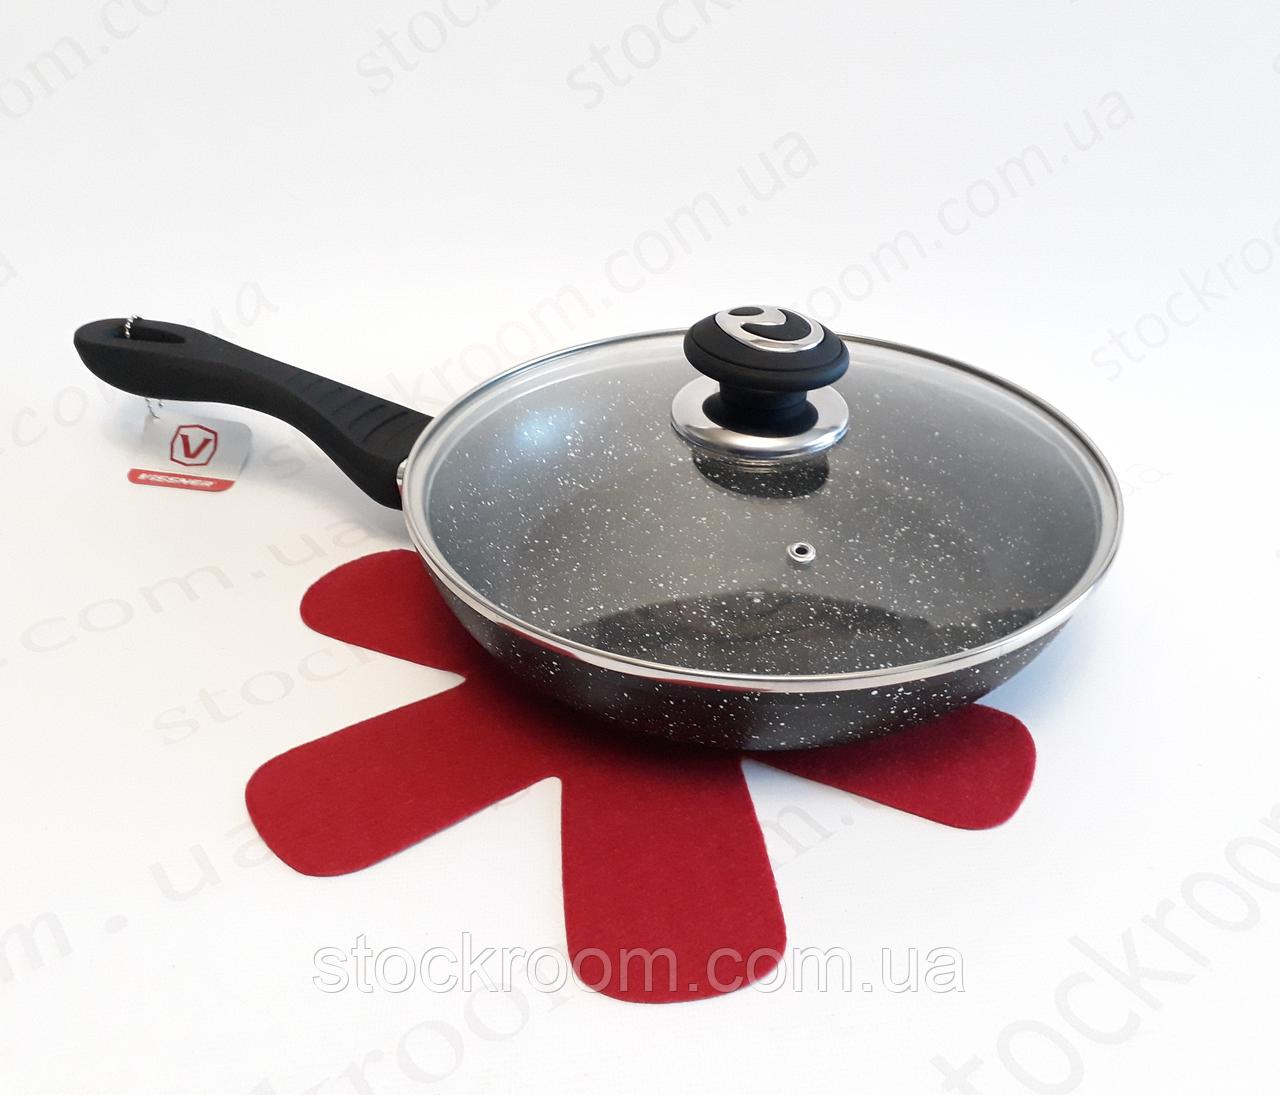 Сковорода алюминиевая Vissner VS 7550-22 с мраморным покрытием